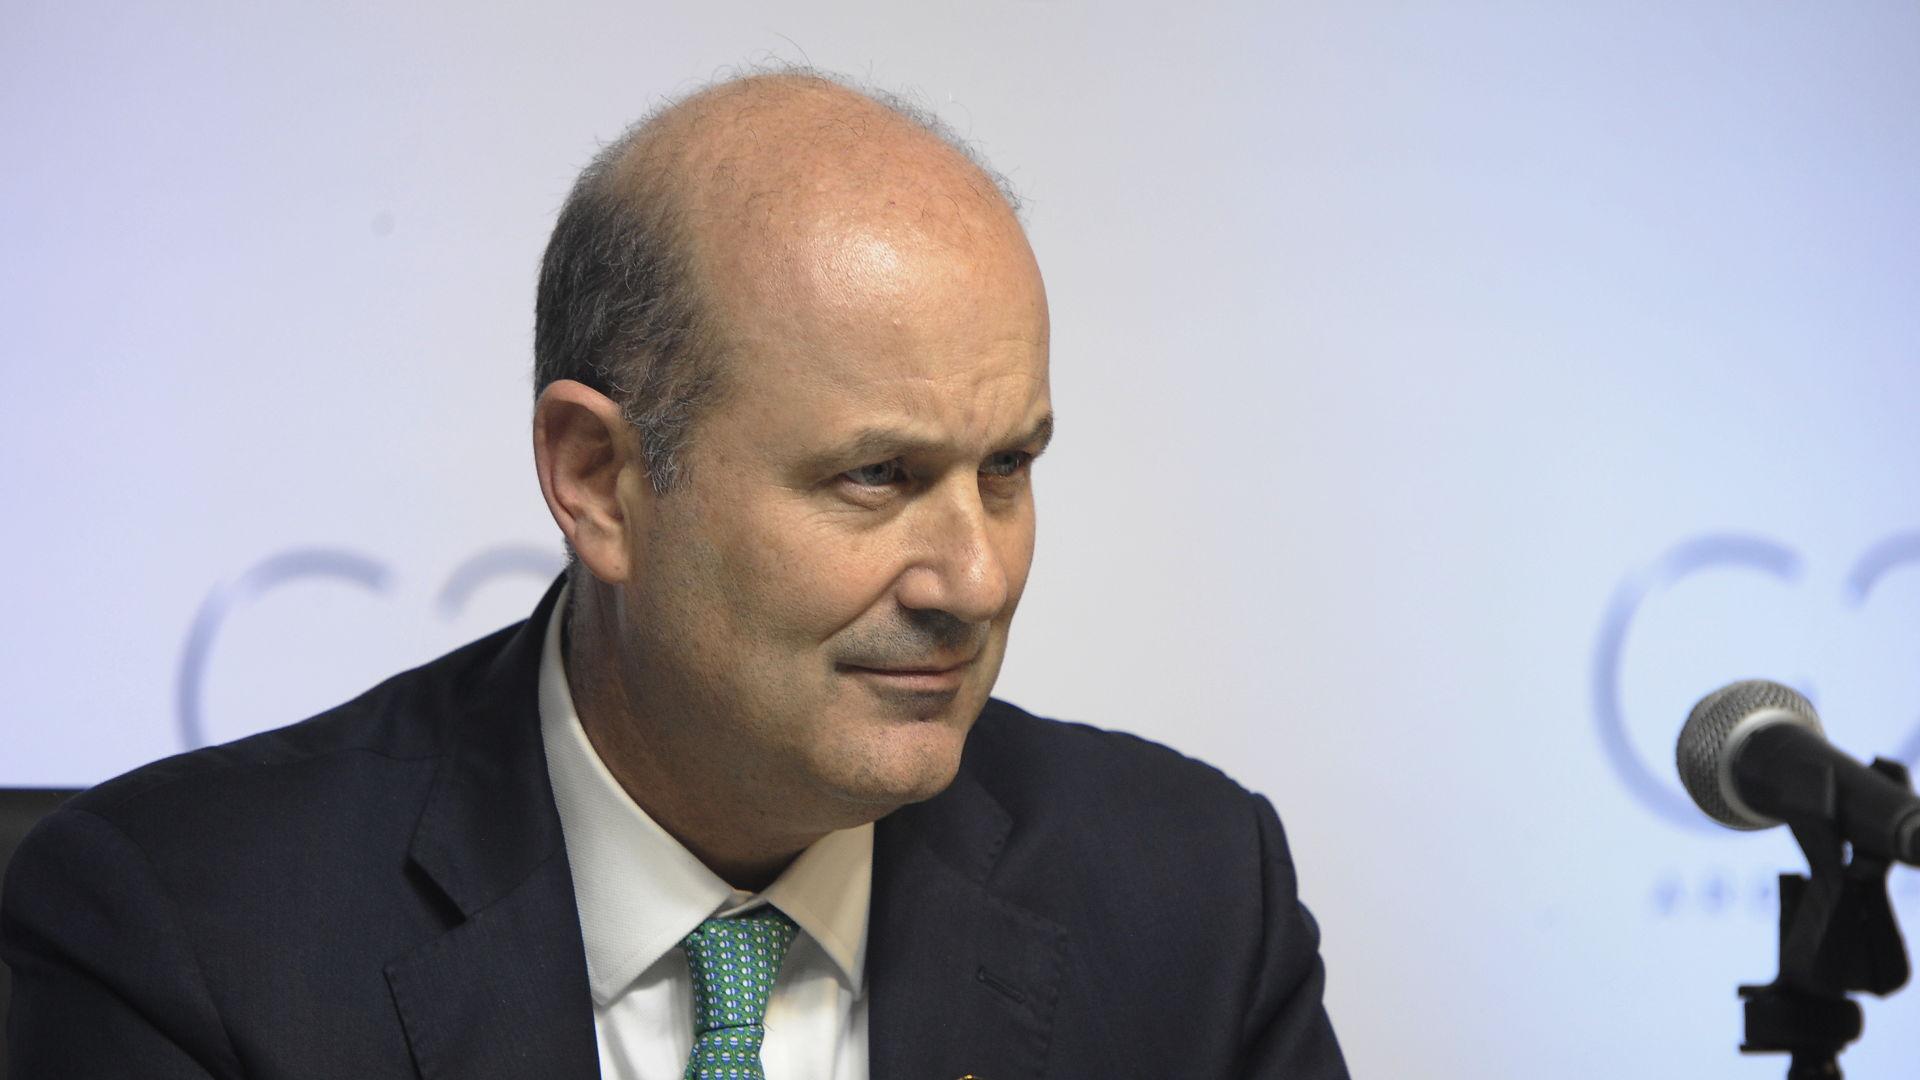 El Presidente del Banco Central Federico Sturzenegger atenuó la liberación de fondos que provocó la cancelación de Lebac (Patricio Murphy)